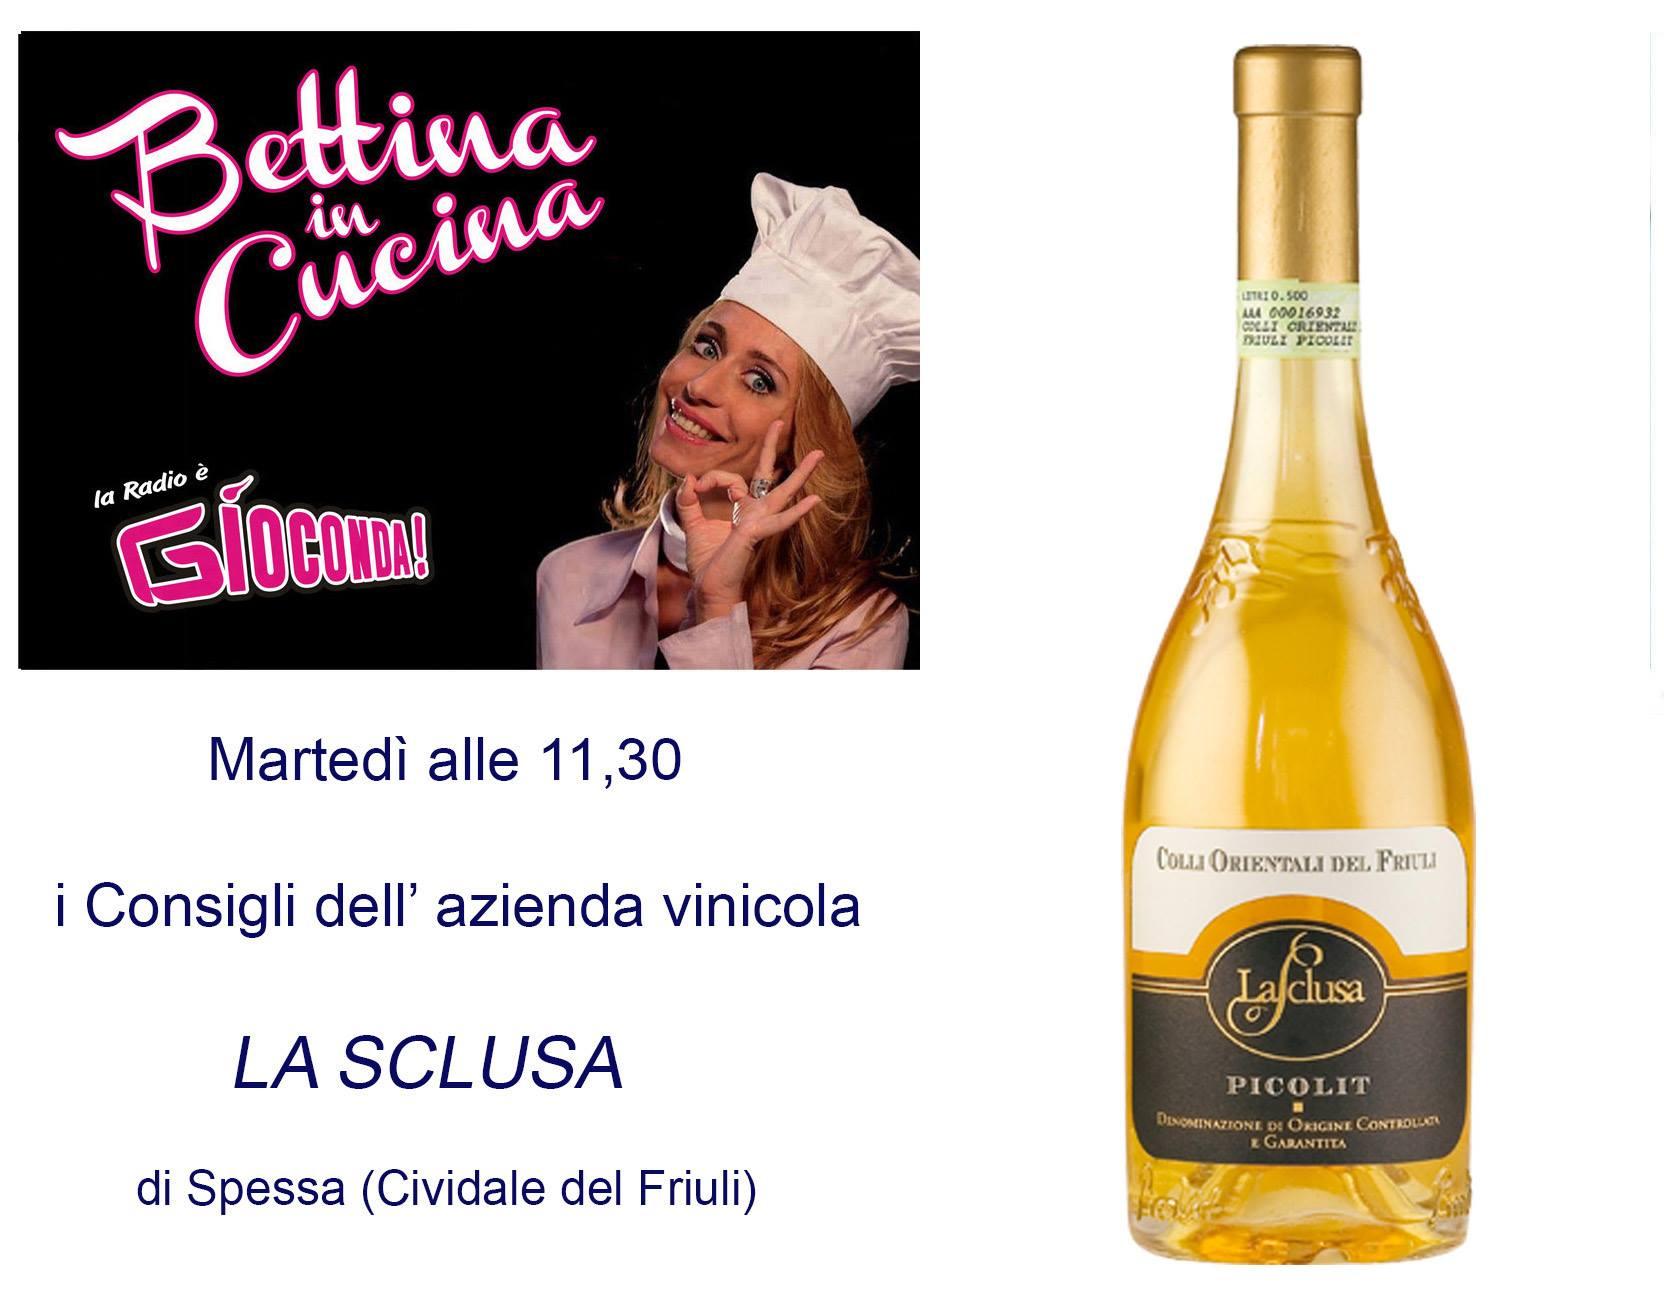 Bettina in Cucina con l'Azienda Agricola La Sclusa